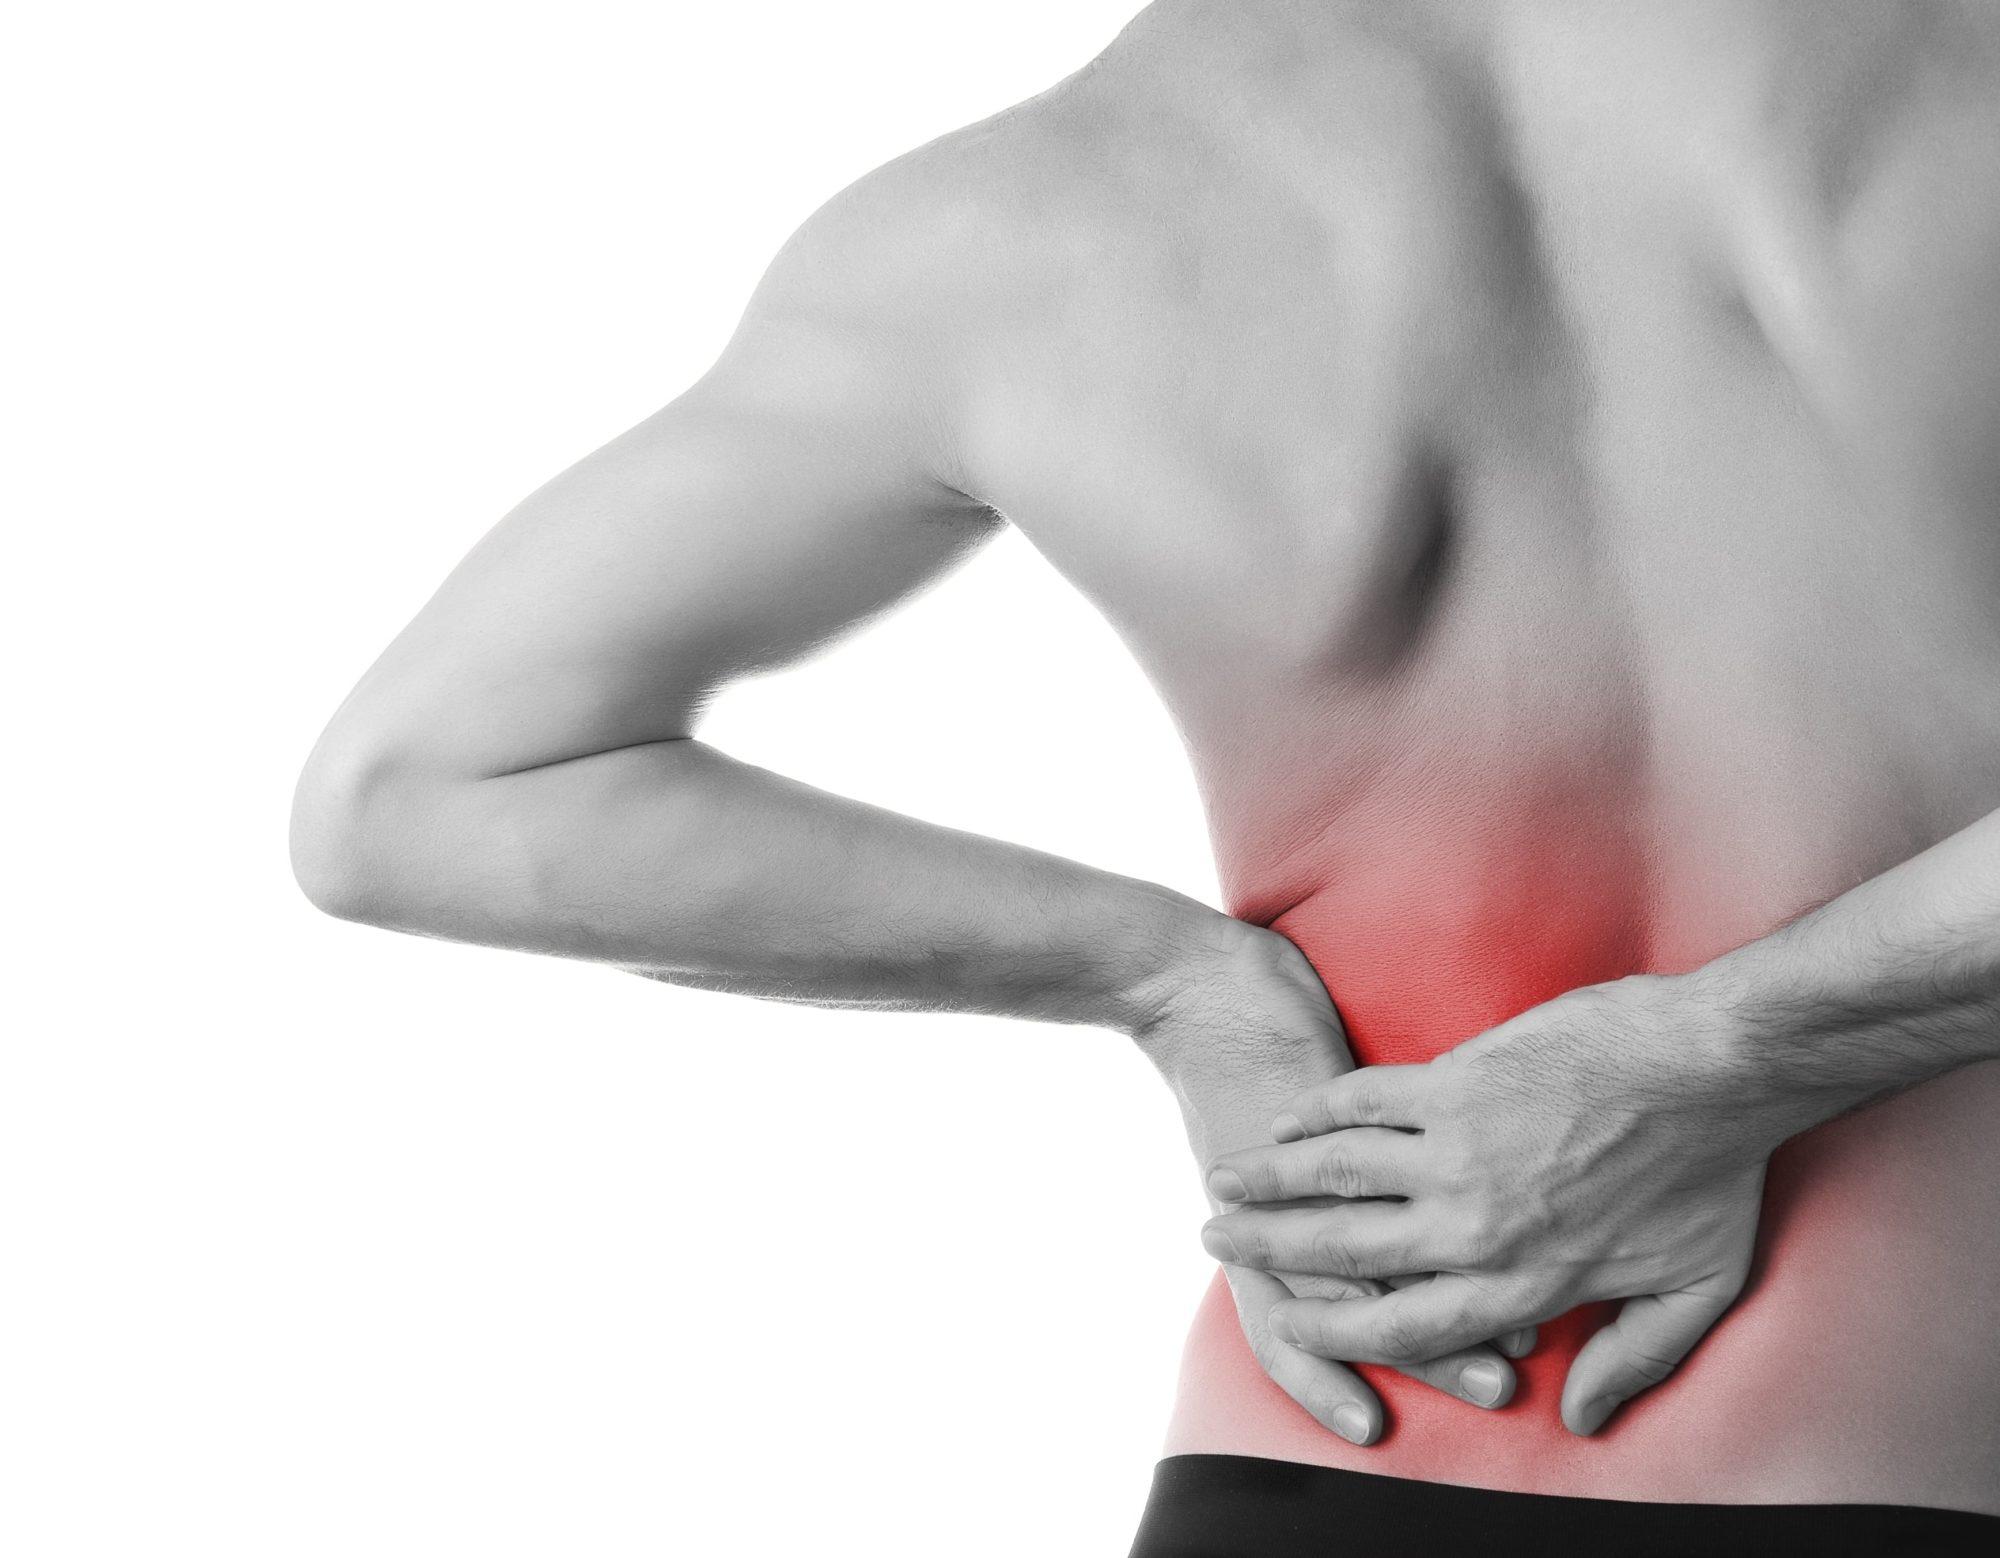 lage rug pijn laten behandelen door fysiotherapie nijmegen van sport medisch centrum papendal